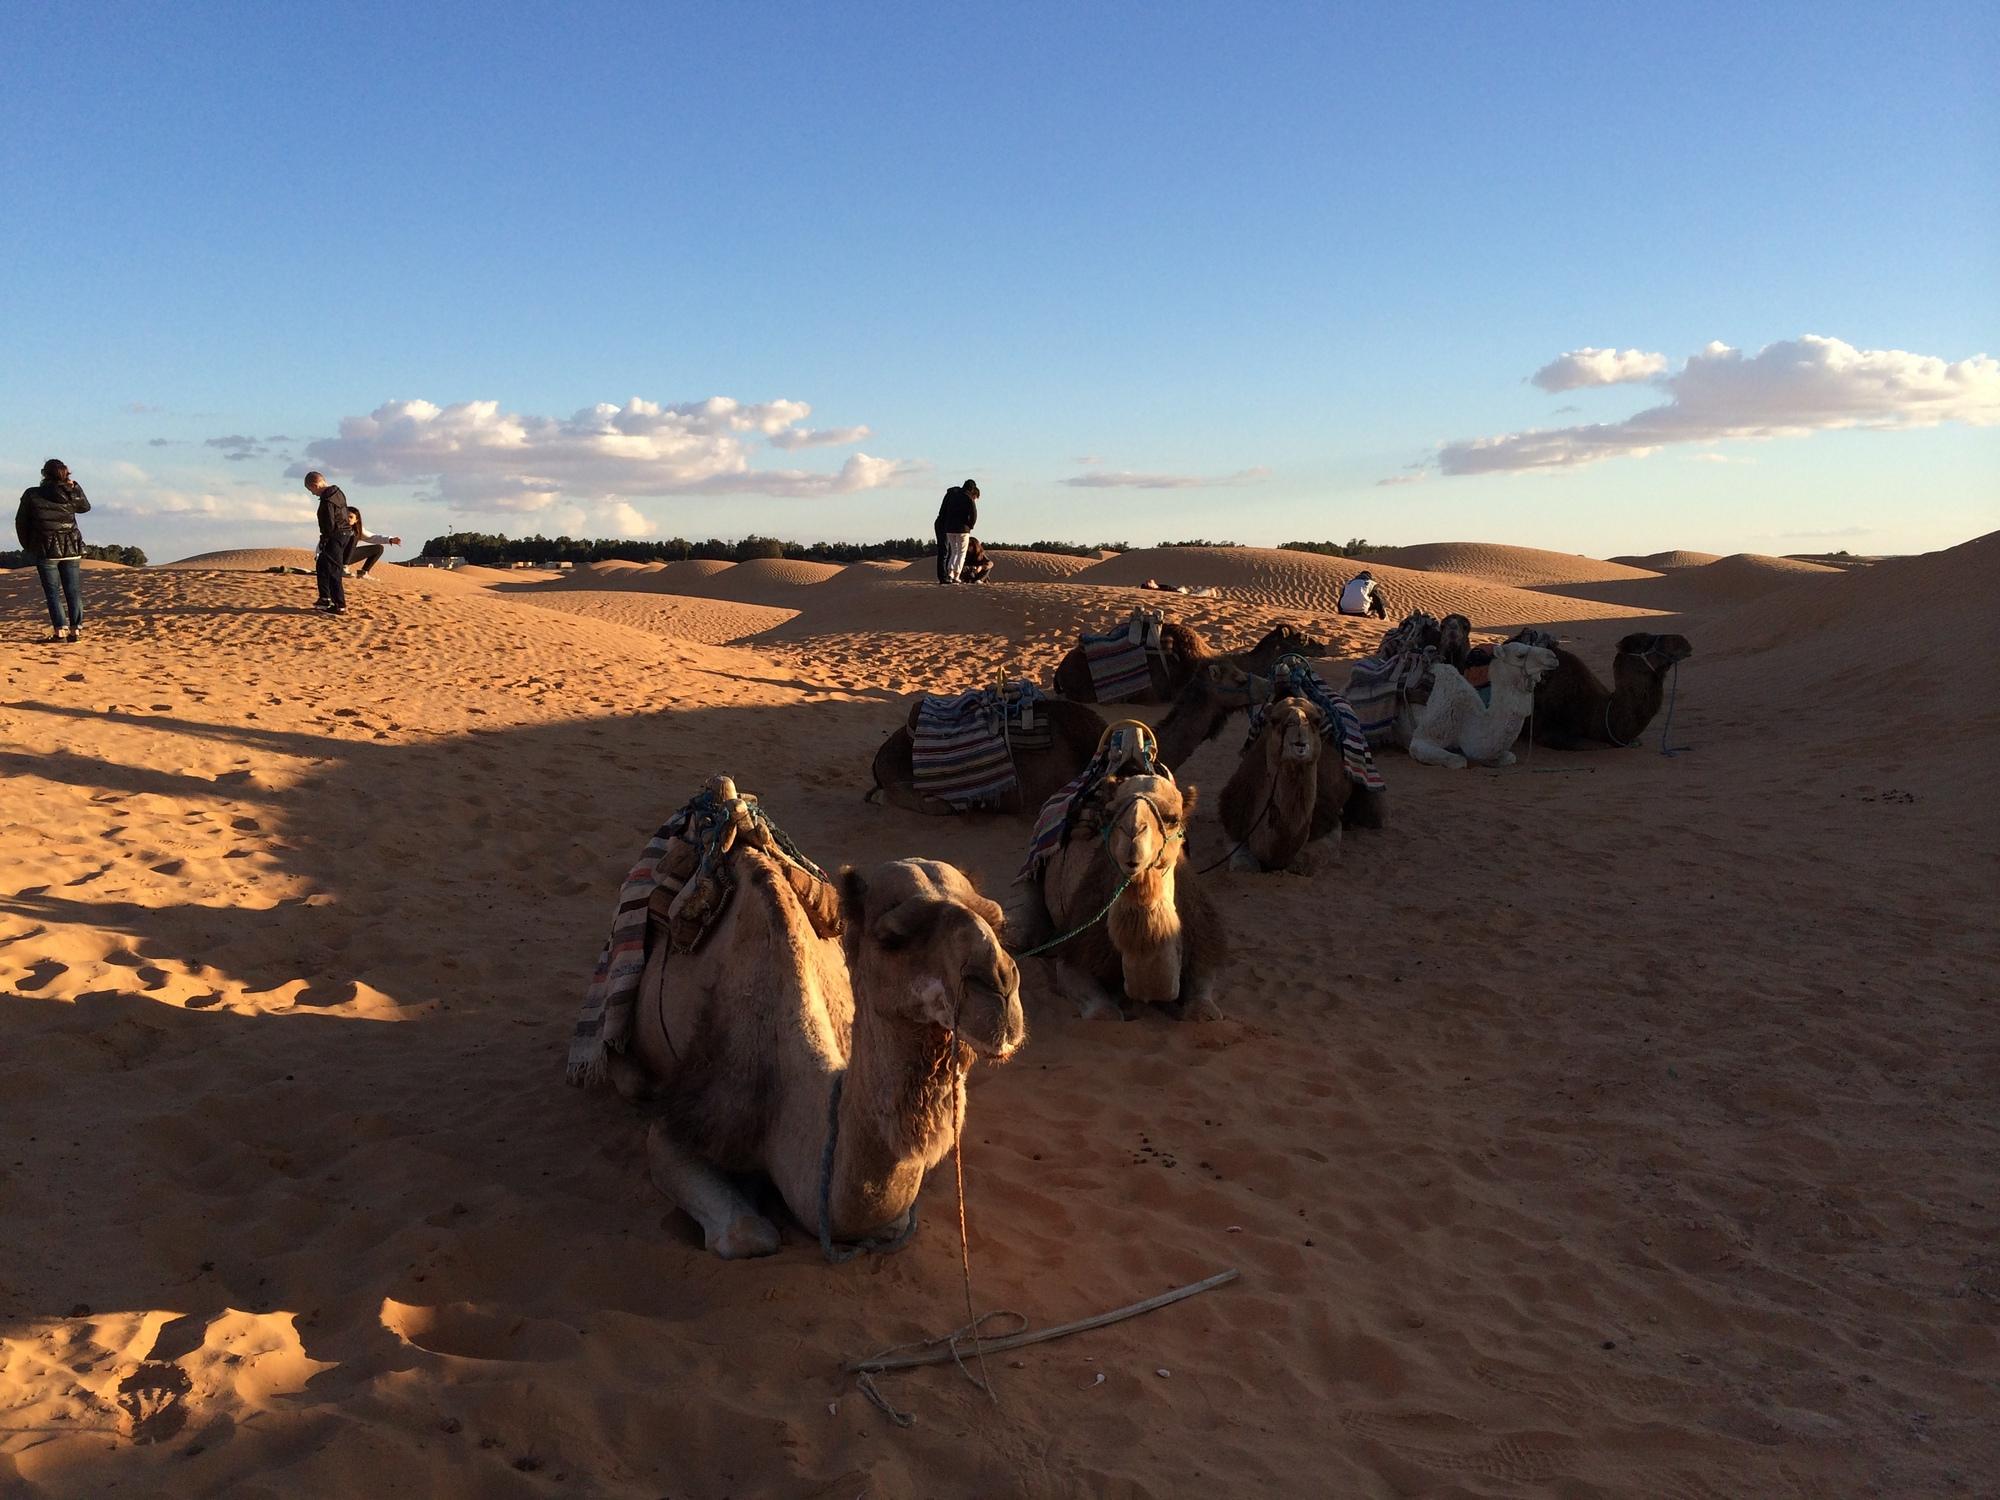 サハラ砂漠でラクダと一緒ににっこり